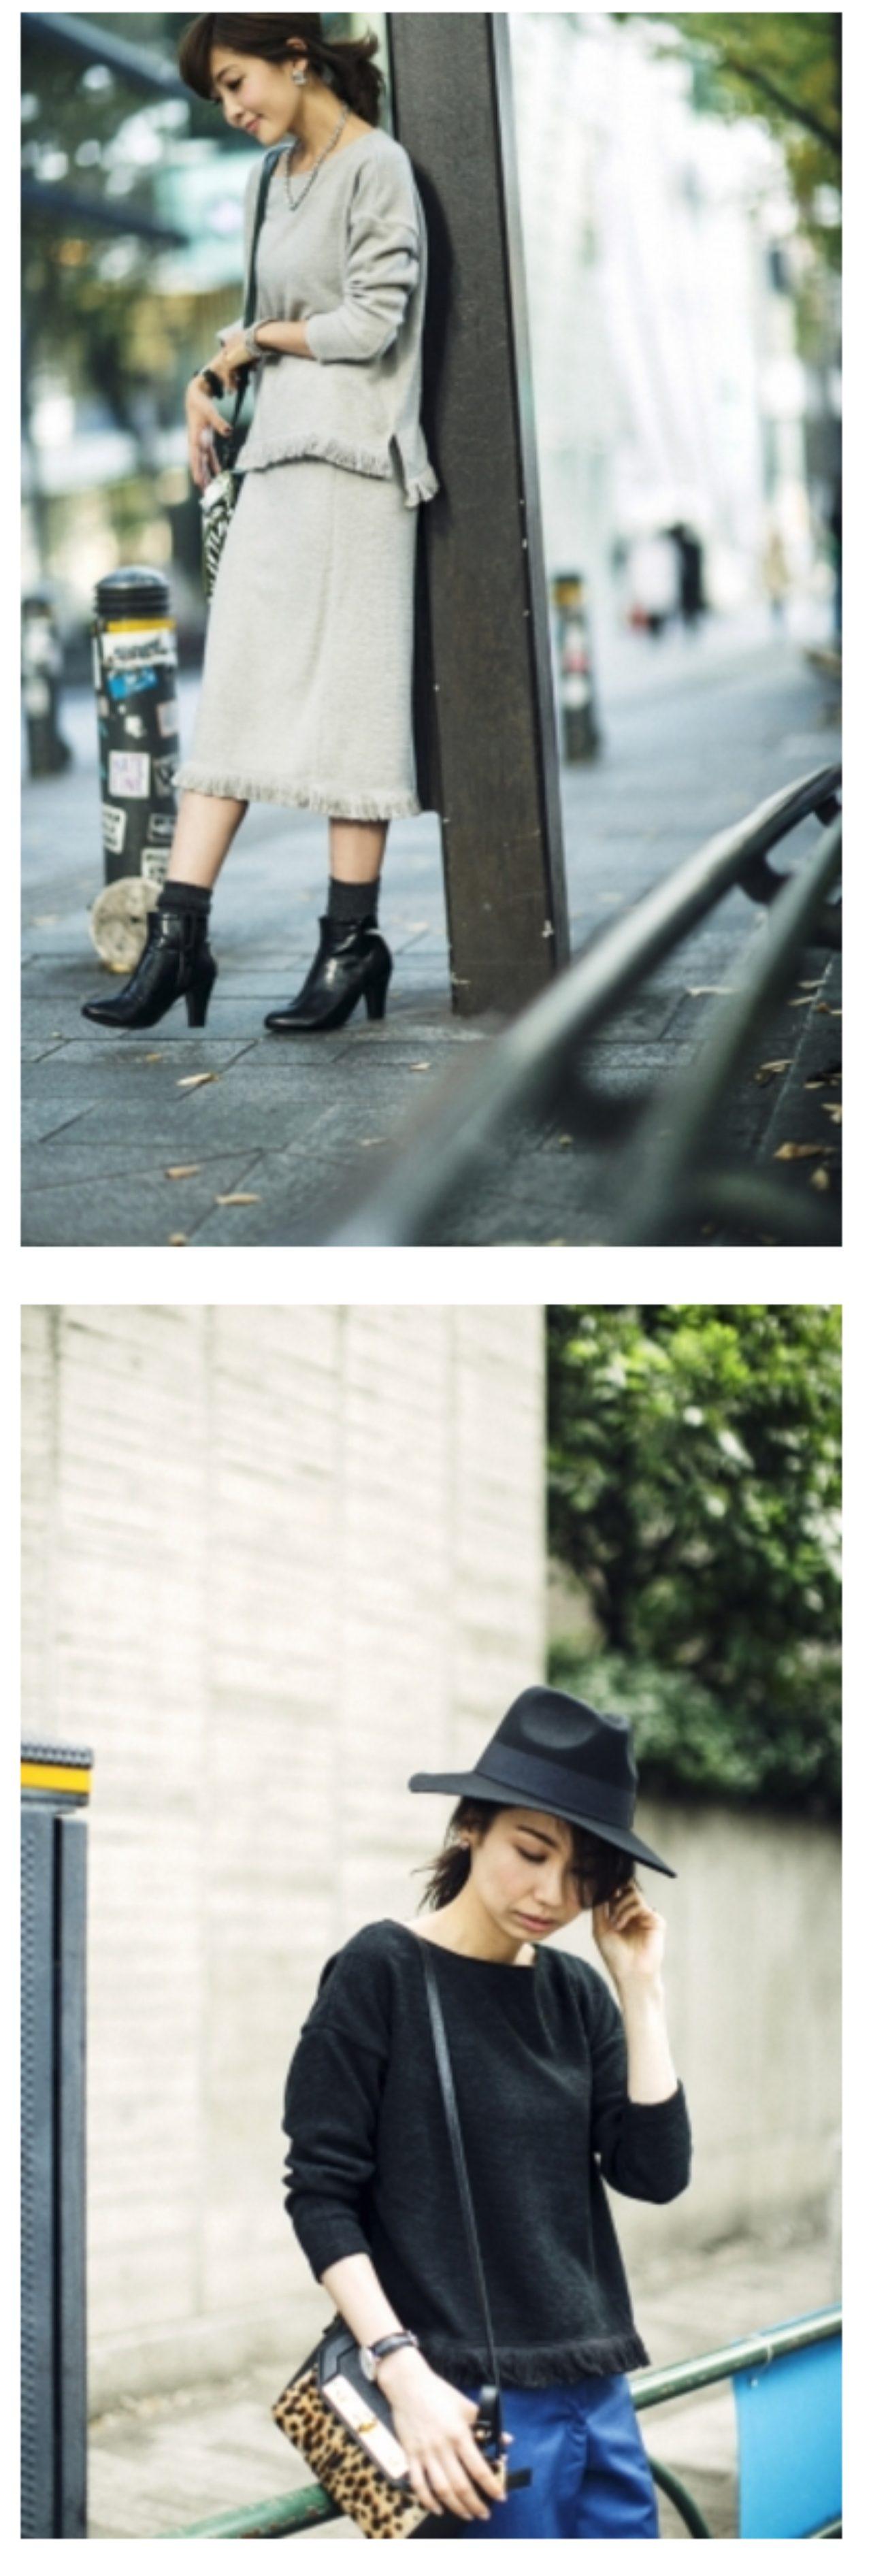 画像: Fringe Knit-sew Tops(Black/L.Grey/Off-White)3,900円(税別)とFringe Knit-sew Skirt(Black/L.Grey/Off-White)3,900円(税別)はトレンドを取り入れた、単品でもセットアップでも着られるアイテム。